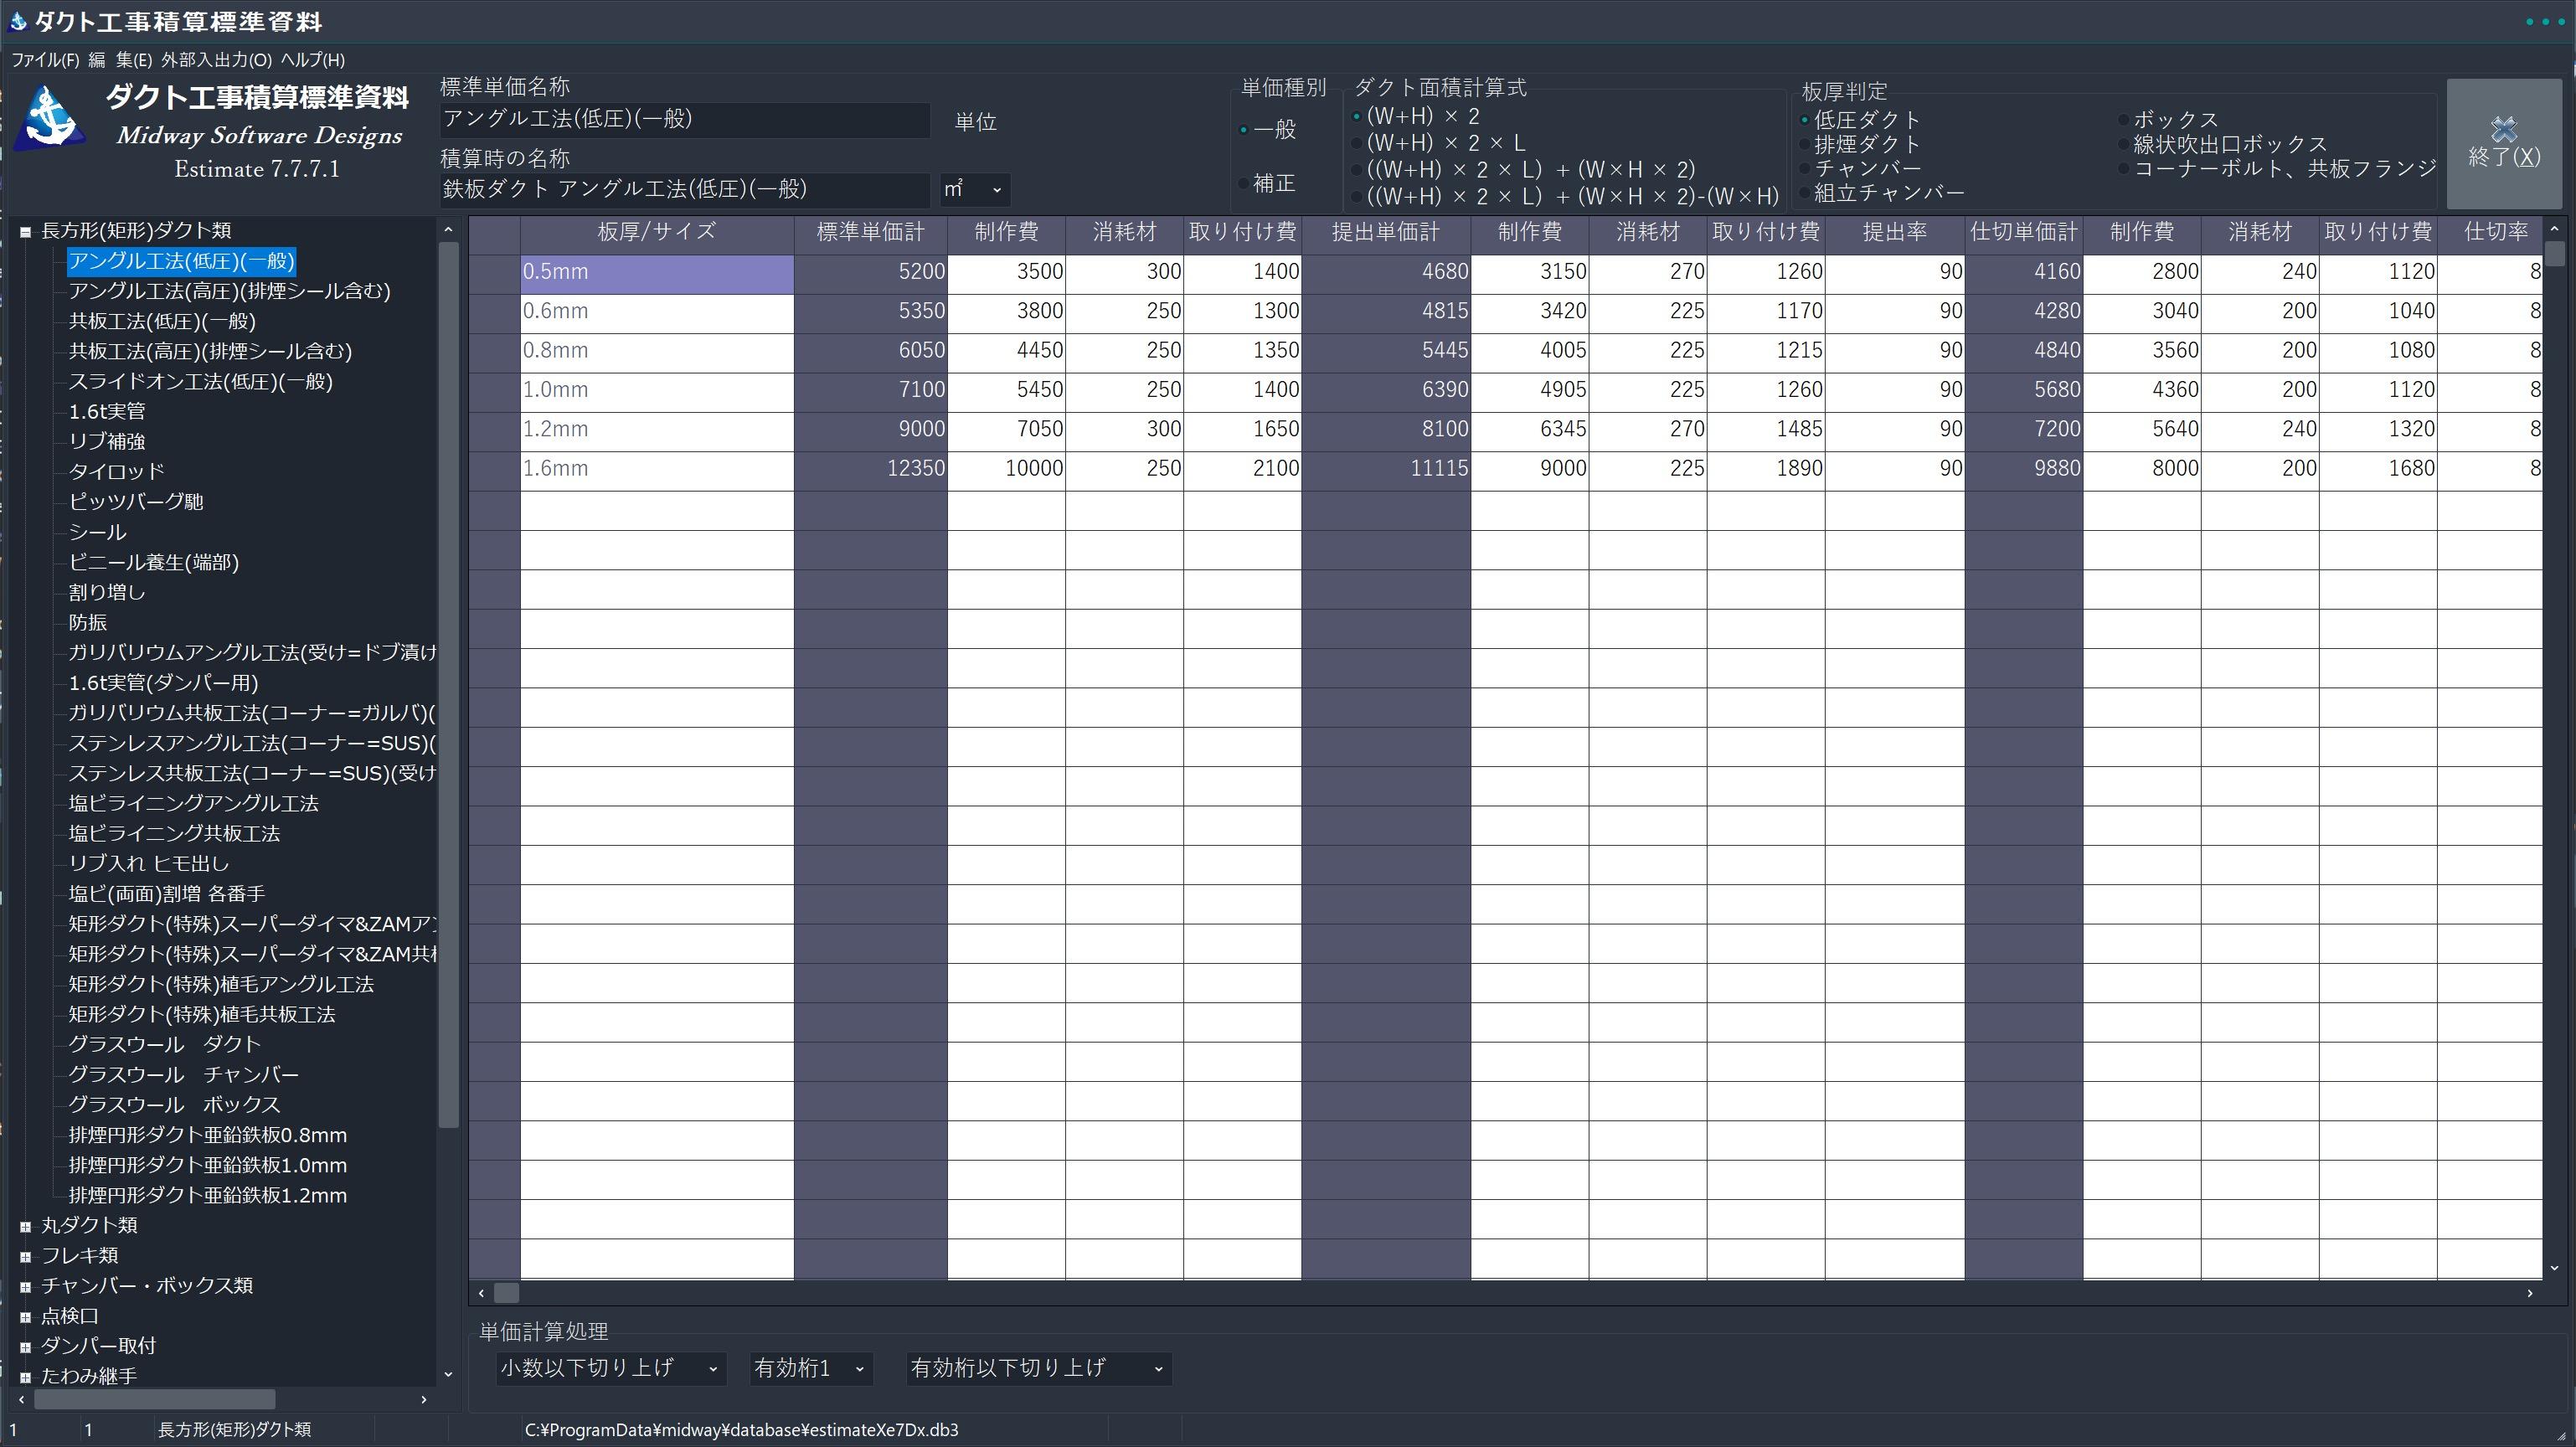 ダクト工事積算標準単価登録ソフト